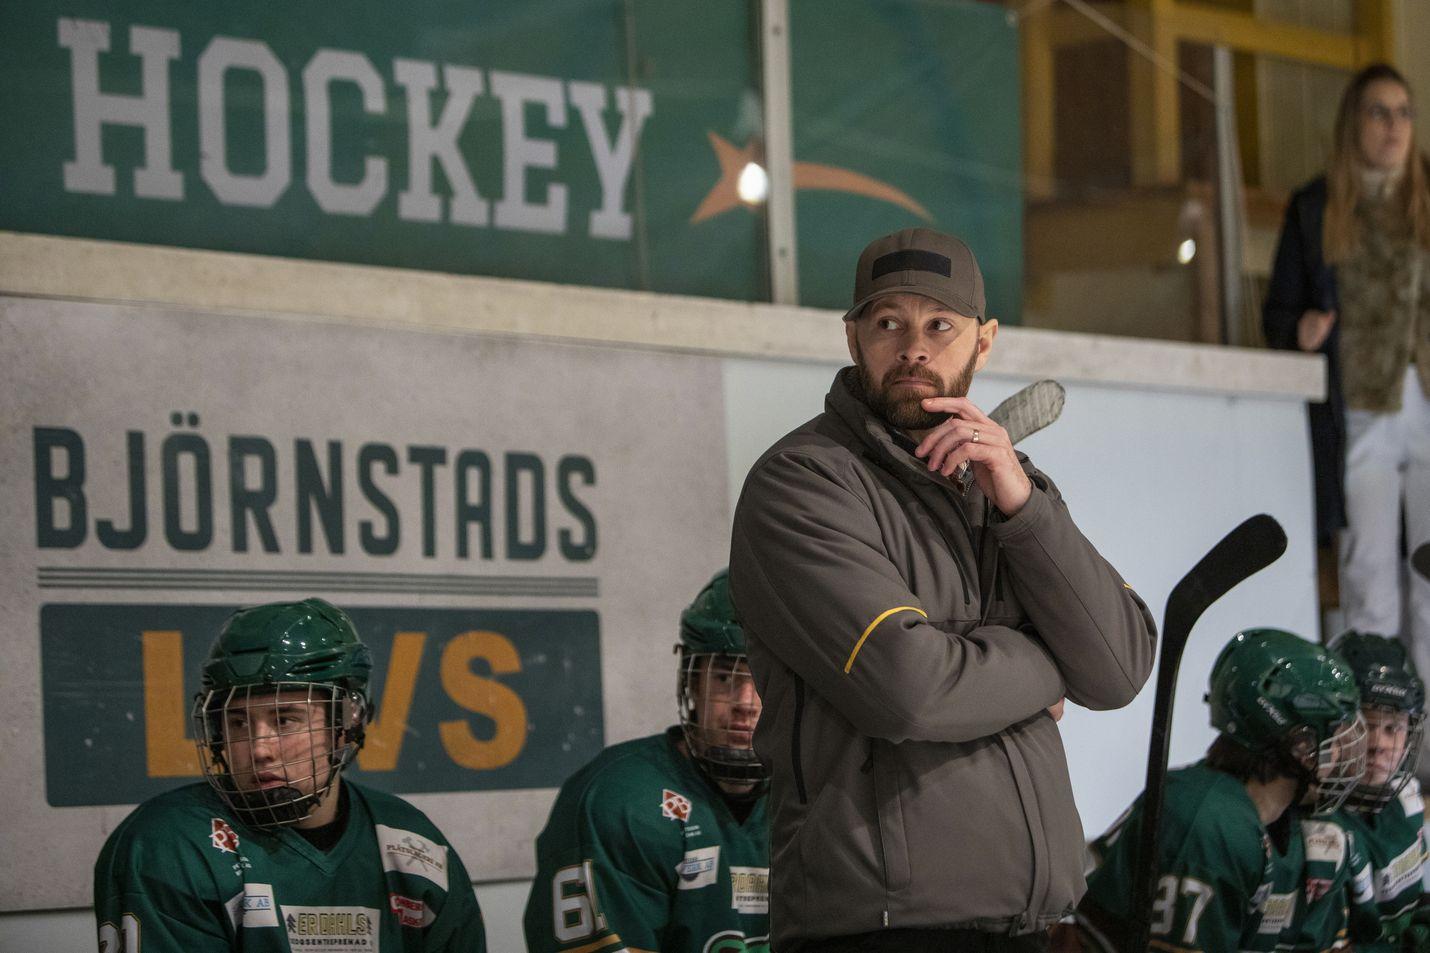 HBO-sarjassa entinen NHL-pelaaja Peter Andersson (Ulf Stenberg) saapuu pelastamaan kotikaupunkinsa jääkiekkojoukkueen, joka on paikkakunnan identiteetin ja toivon luoja.